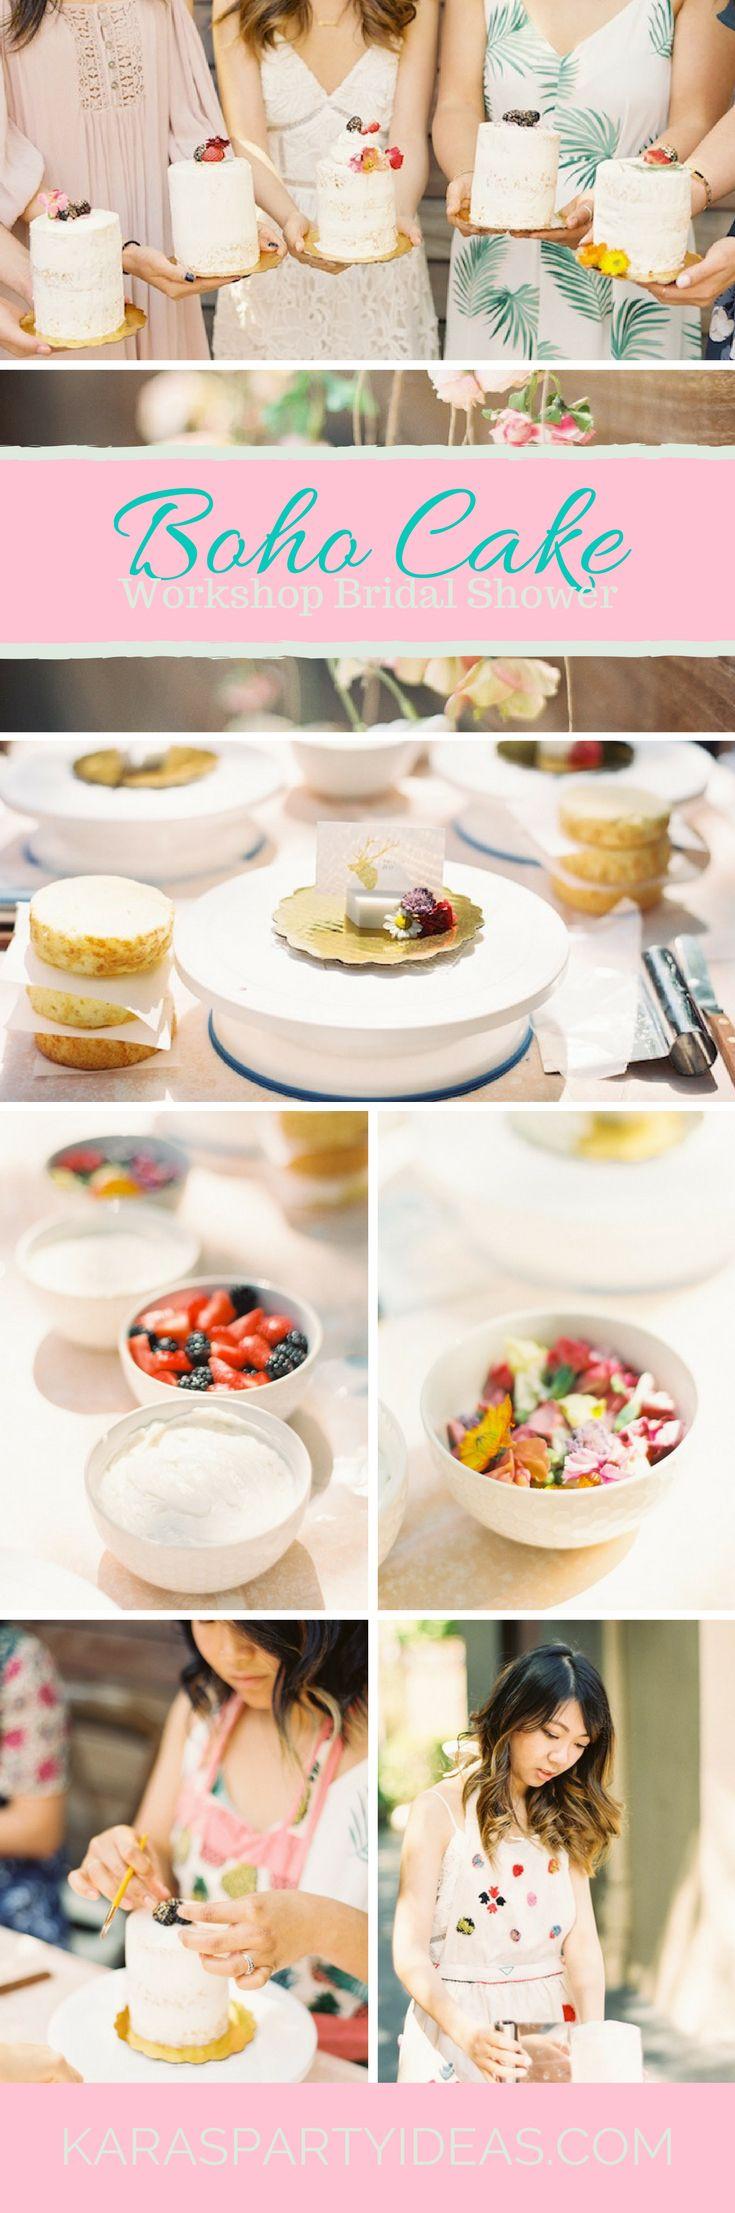 ideas for bridal shower brunch food%0A Boho Cake Workshop Bridal Shower